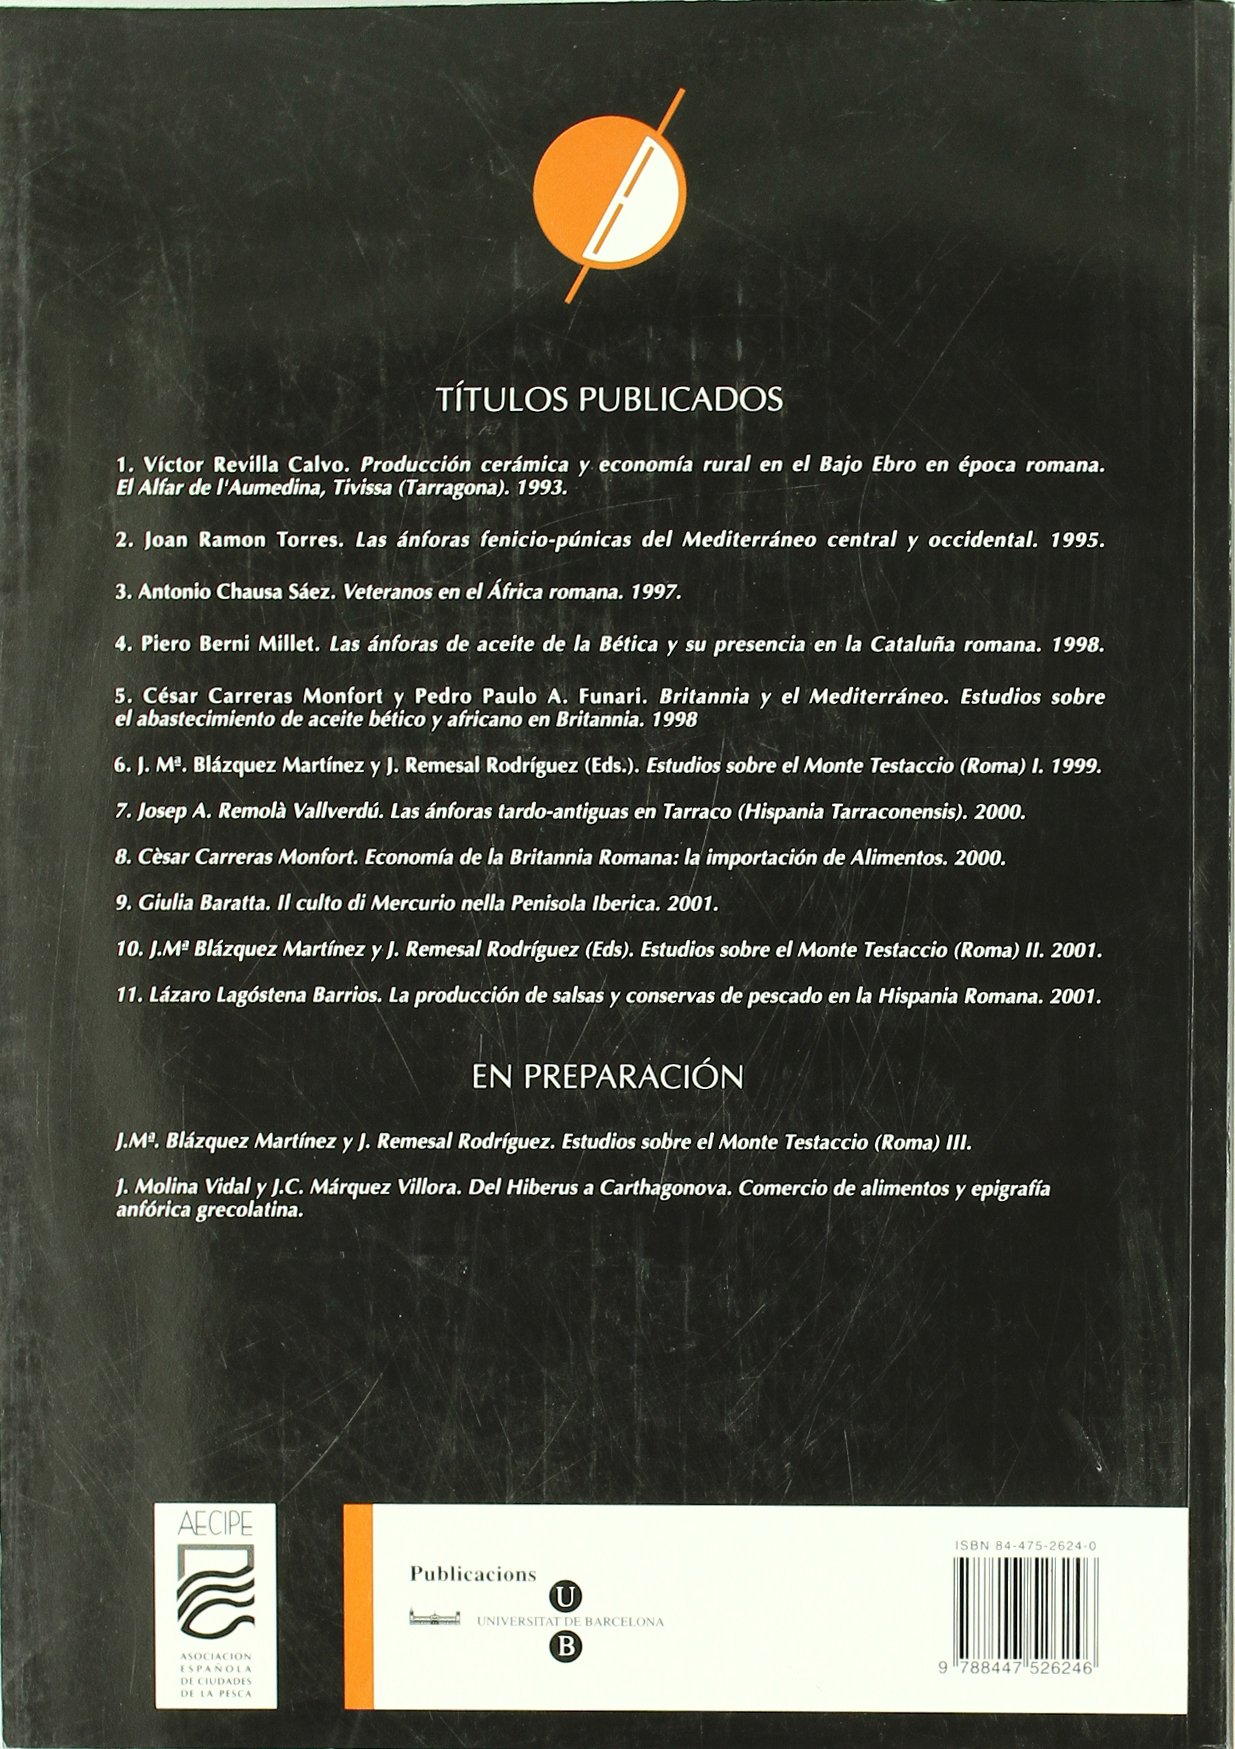 La producción de salsas y conservas de pescado en la hispania romana : (II a.C- VI d.C): Lázaro Lagóstena Barrios: 9788447526246: Amazon.com: Books